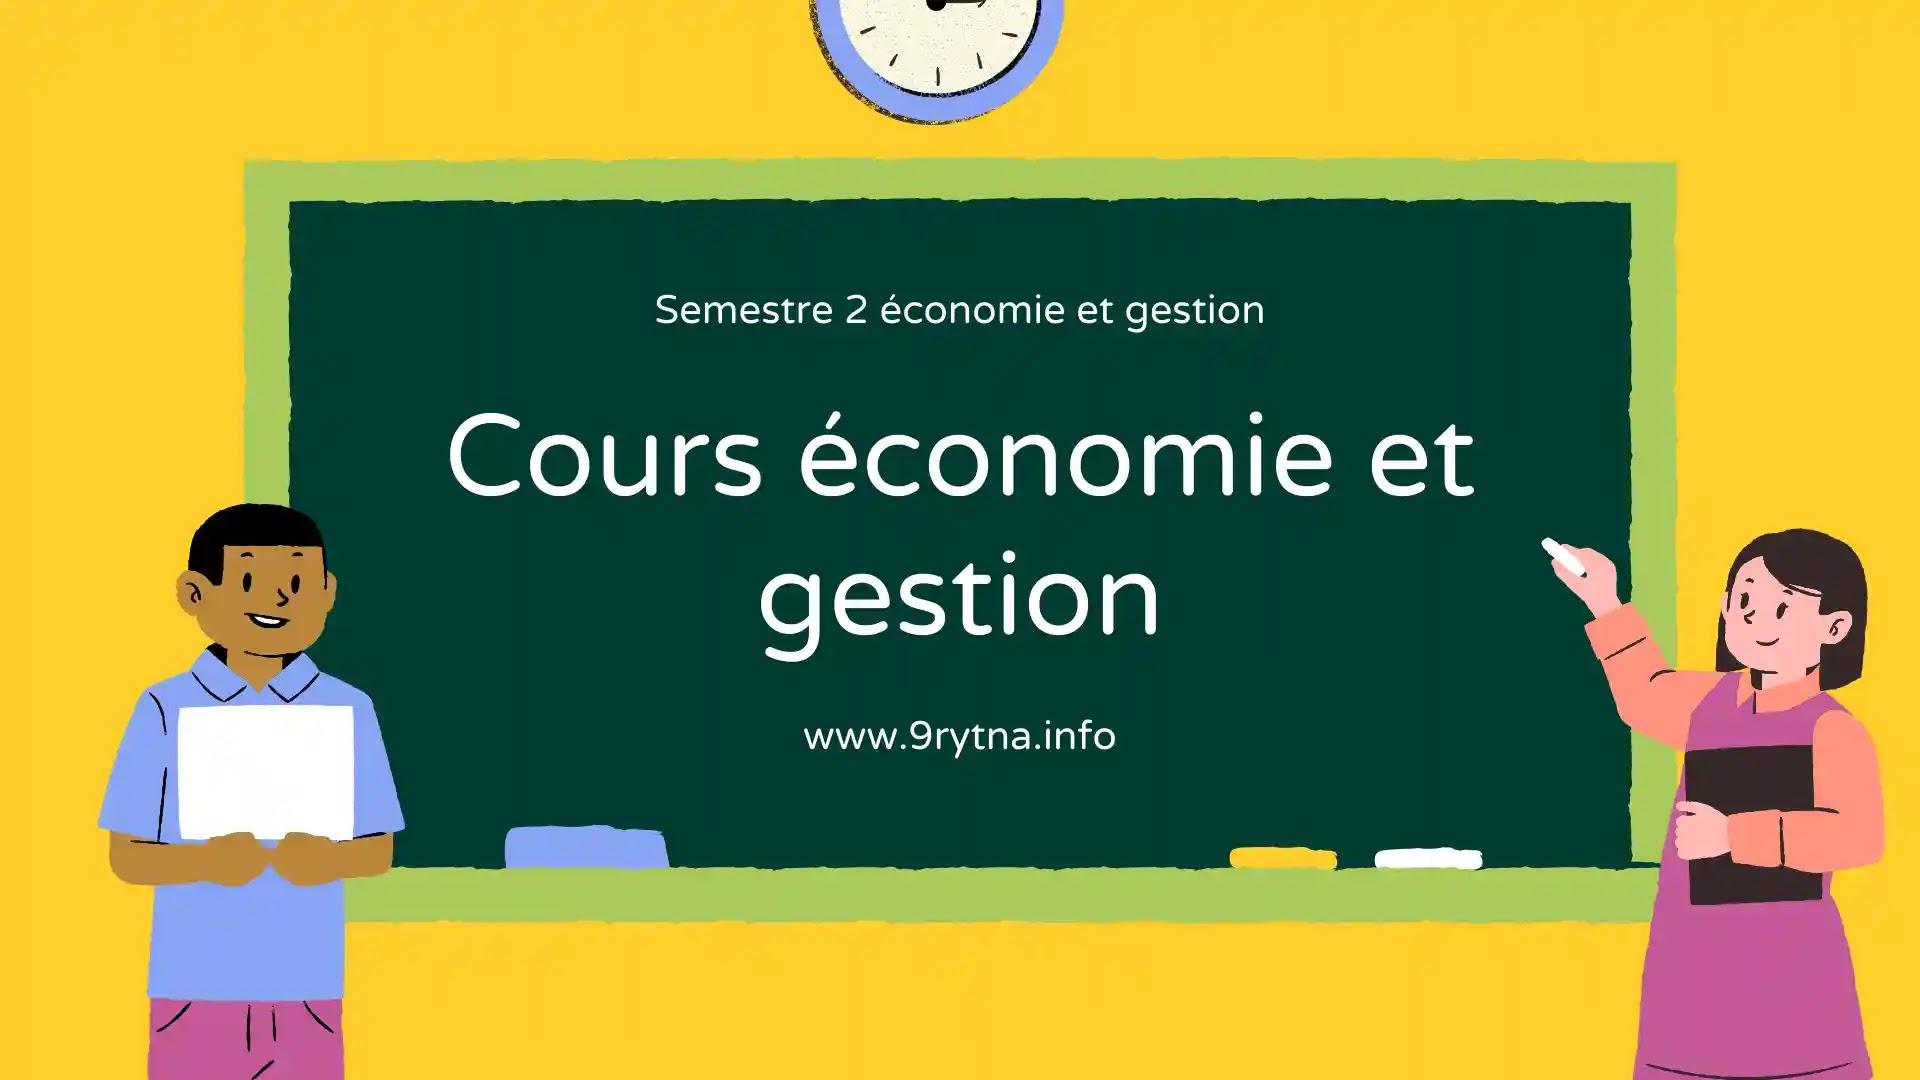 Cours de semestre 2 économie et gestion